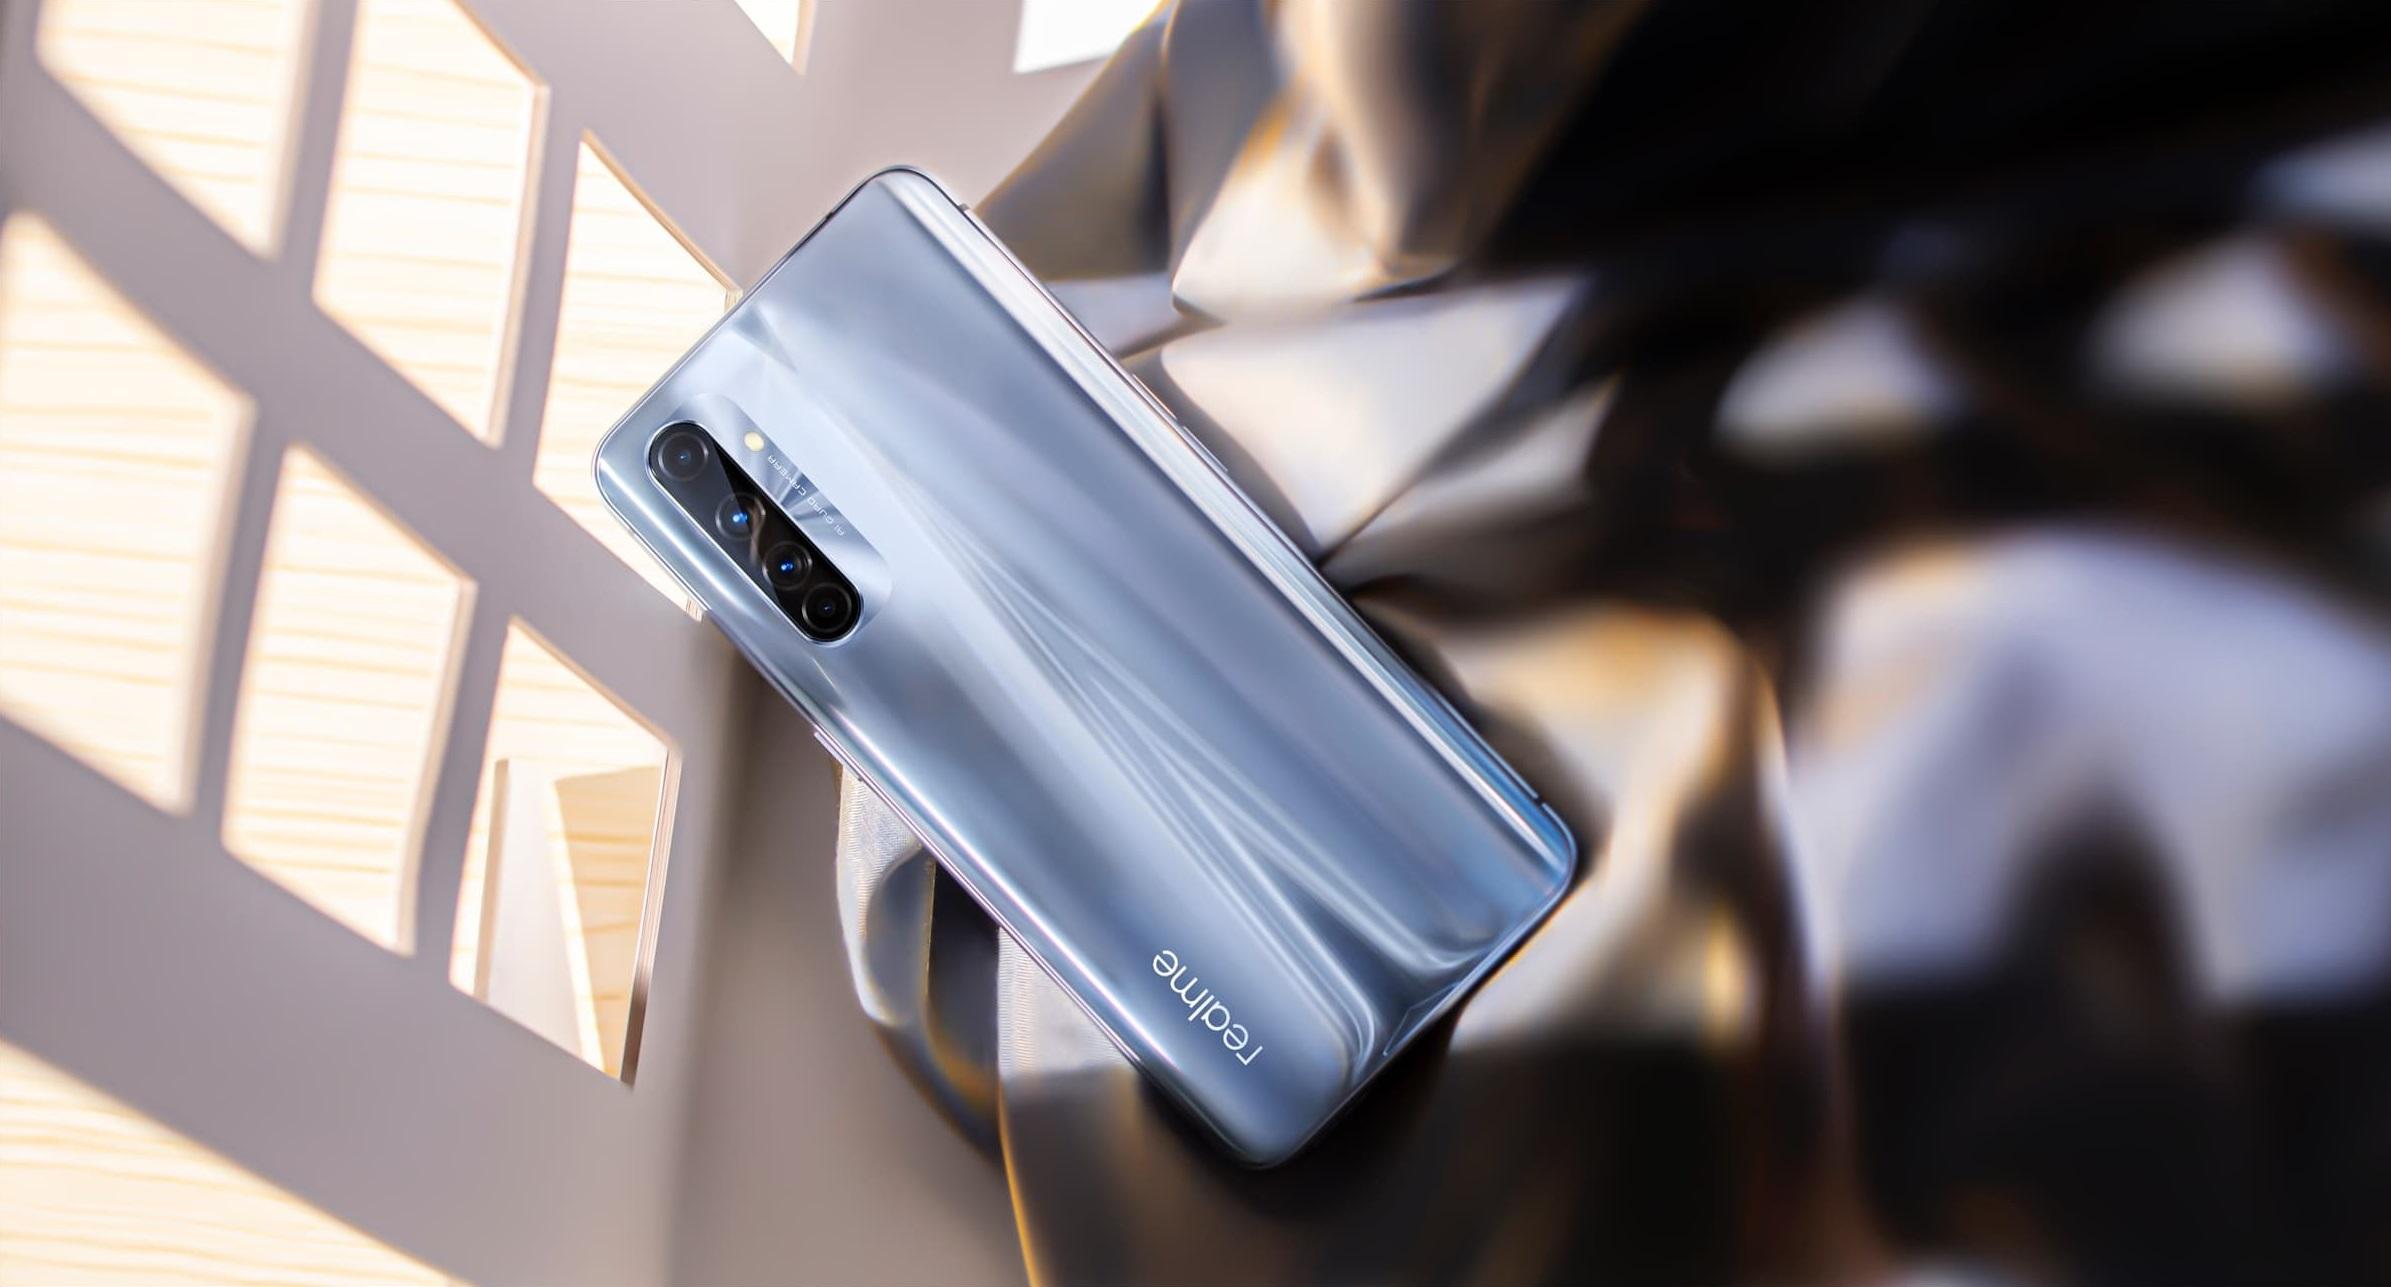 Szybka akcja! Flagowy realme X50 Pro 5G w niewyobrażalnie niskiej cenie!